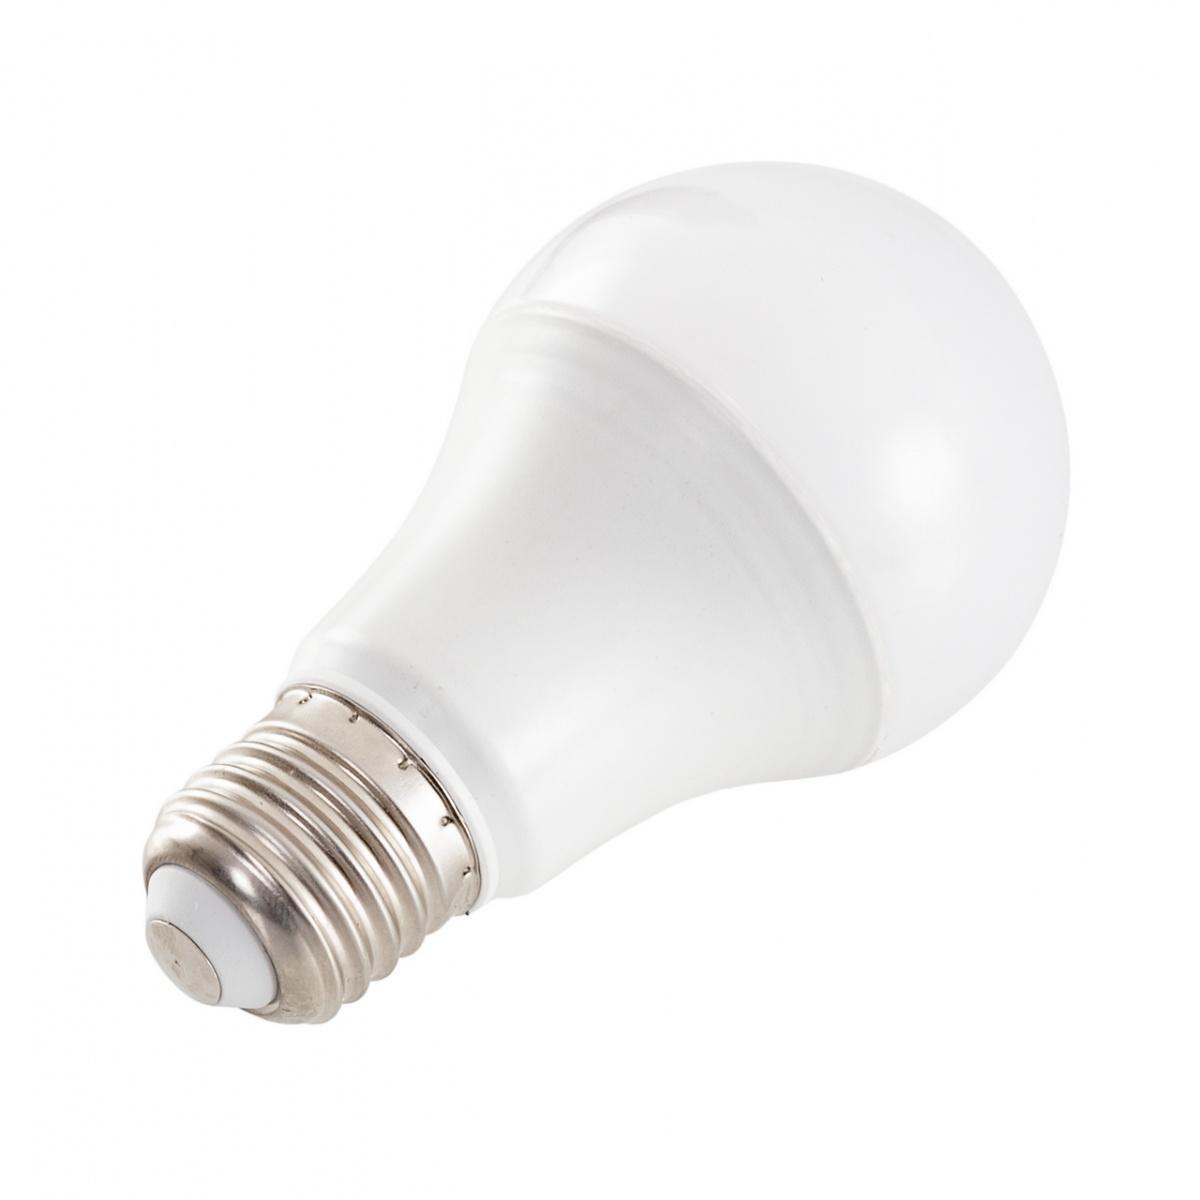 Bec 12 V, LED